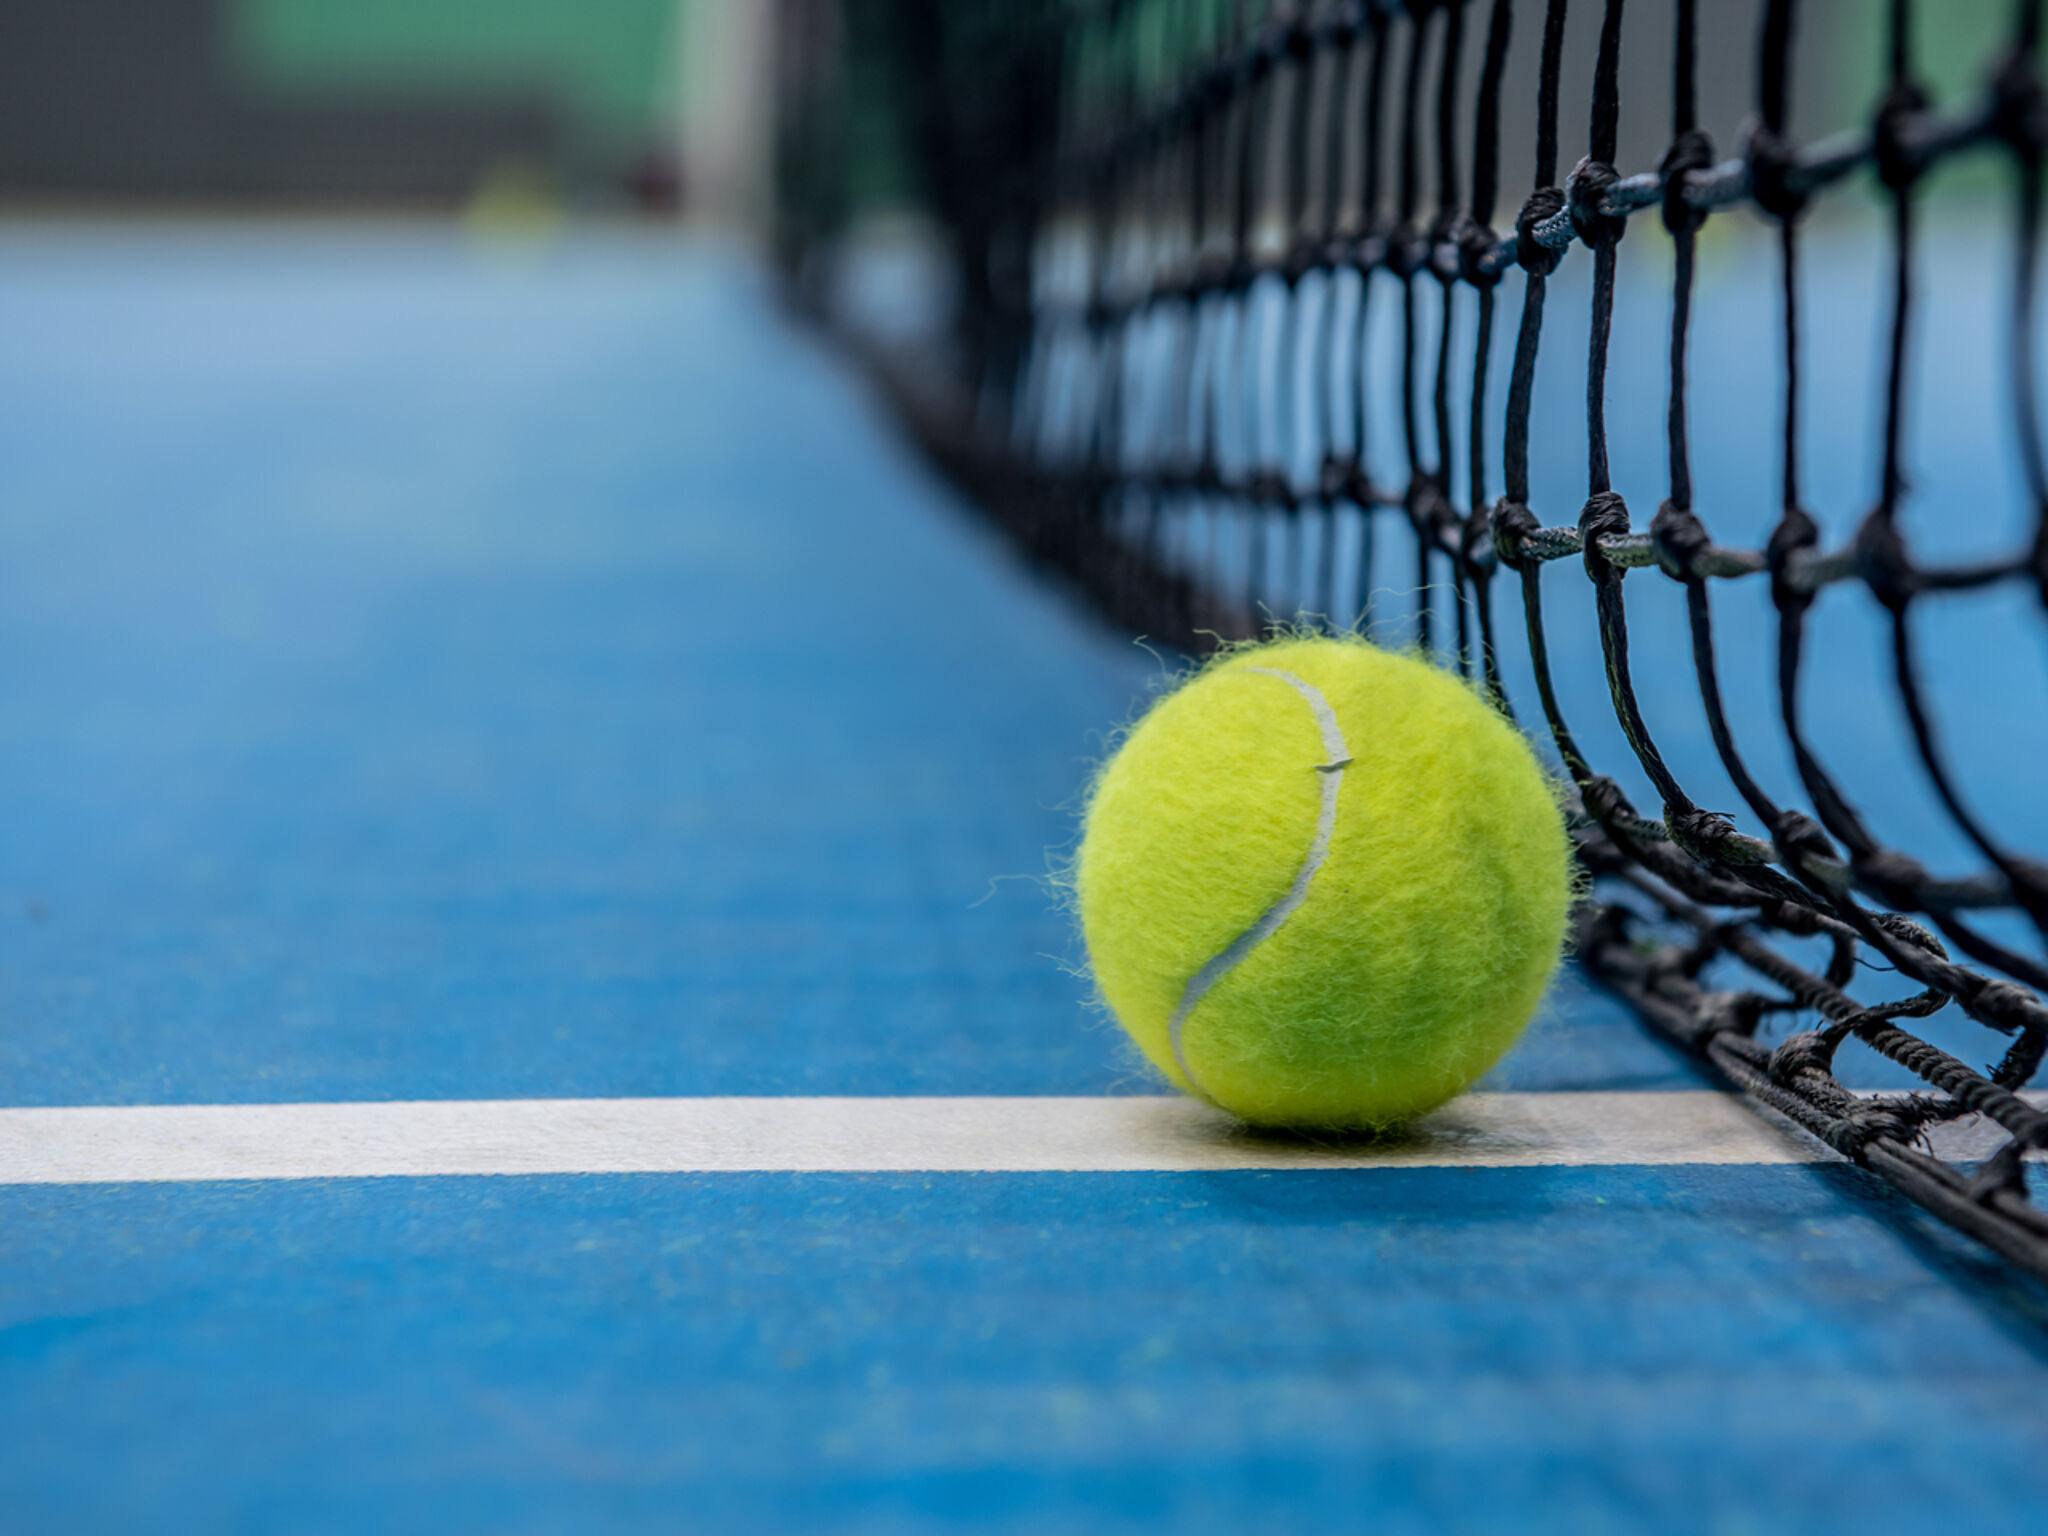 青いテニスコートにボールがひとつ置いてある画像